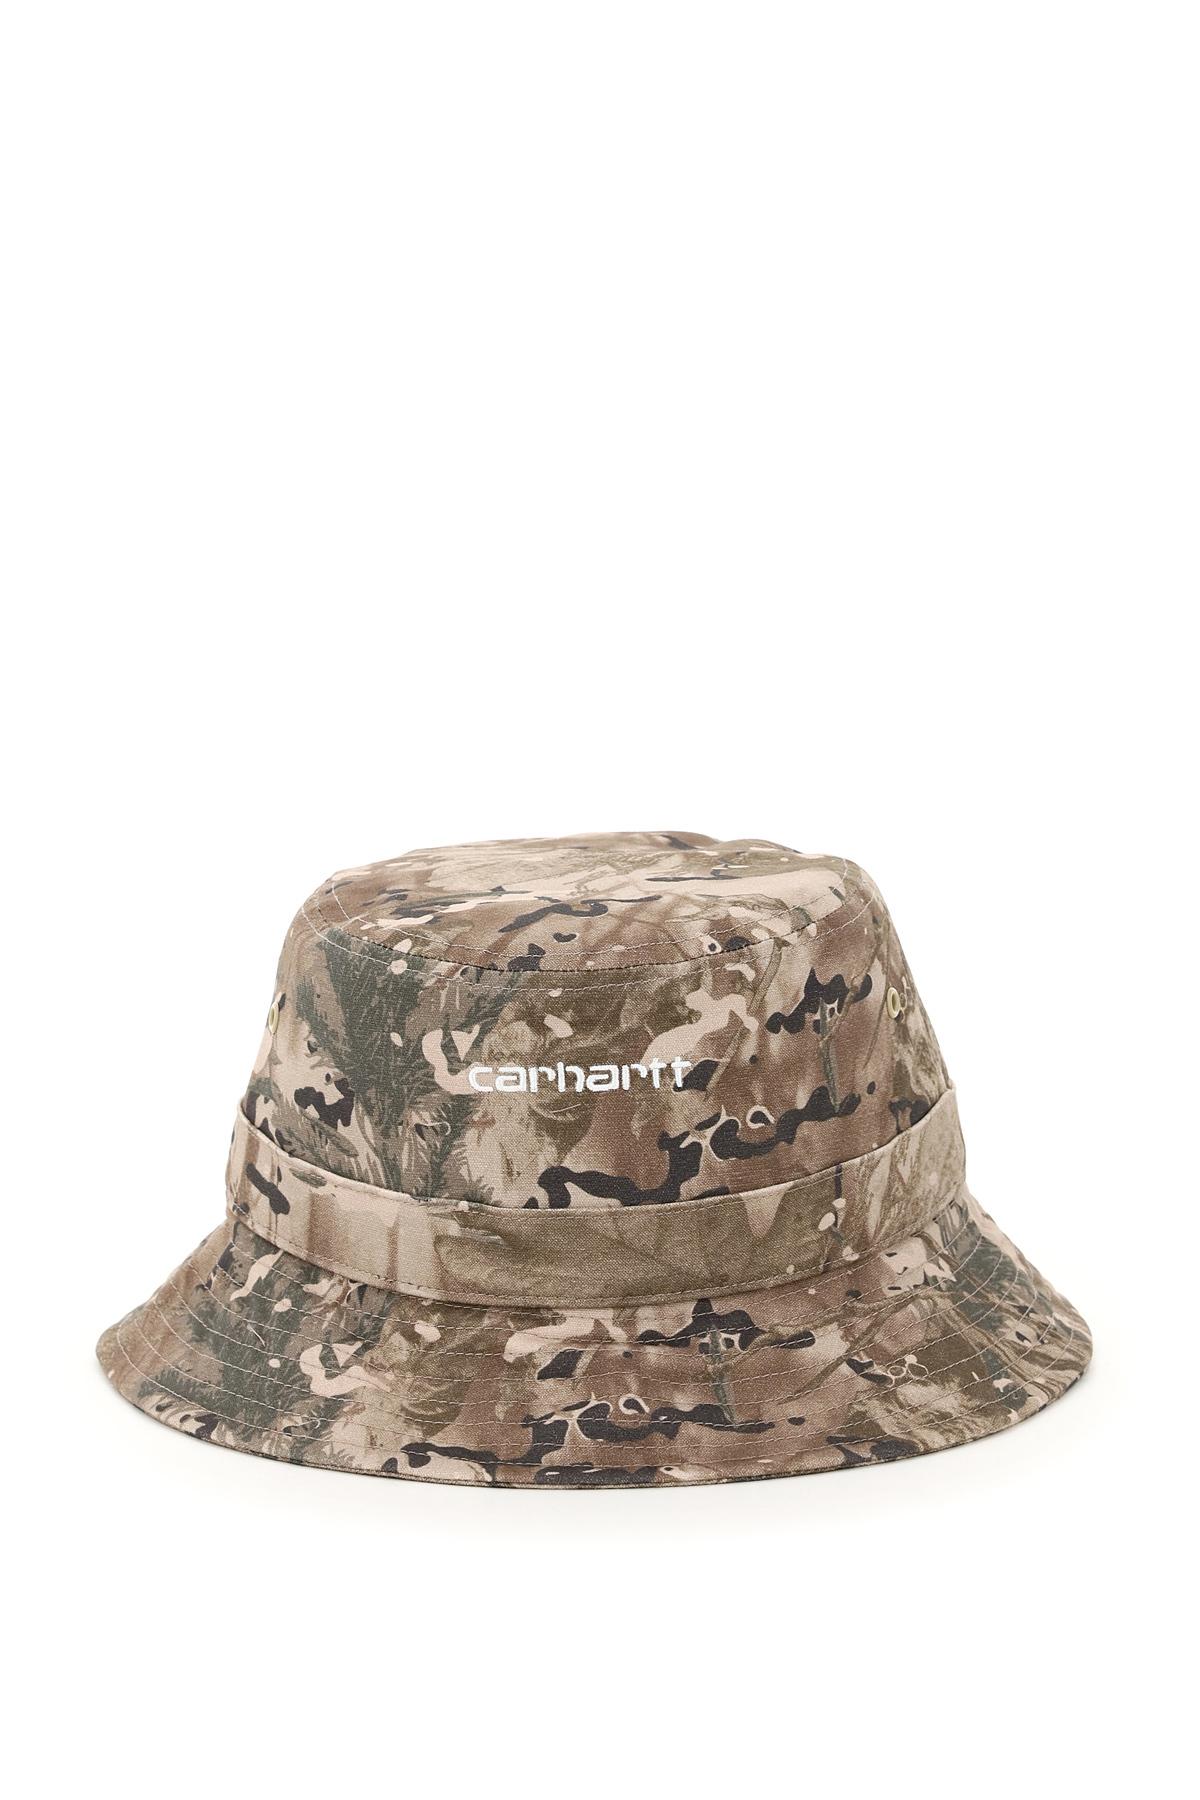 Carhartt cappello bucket script